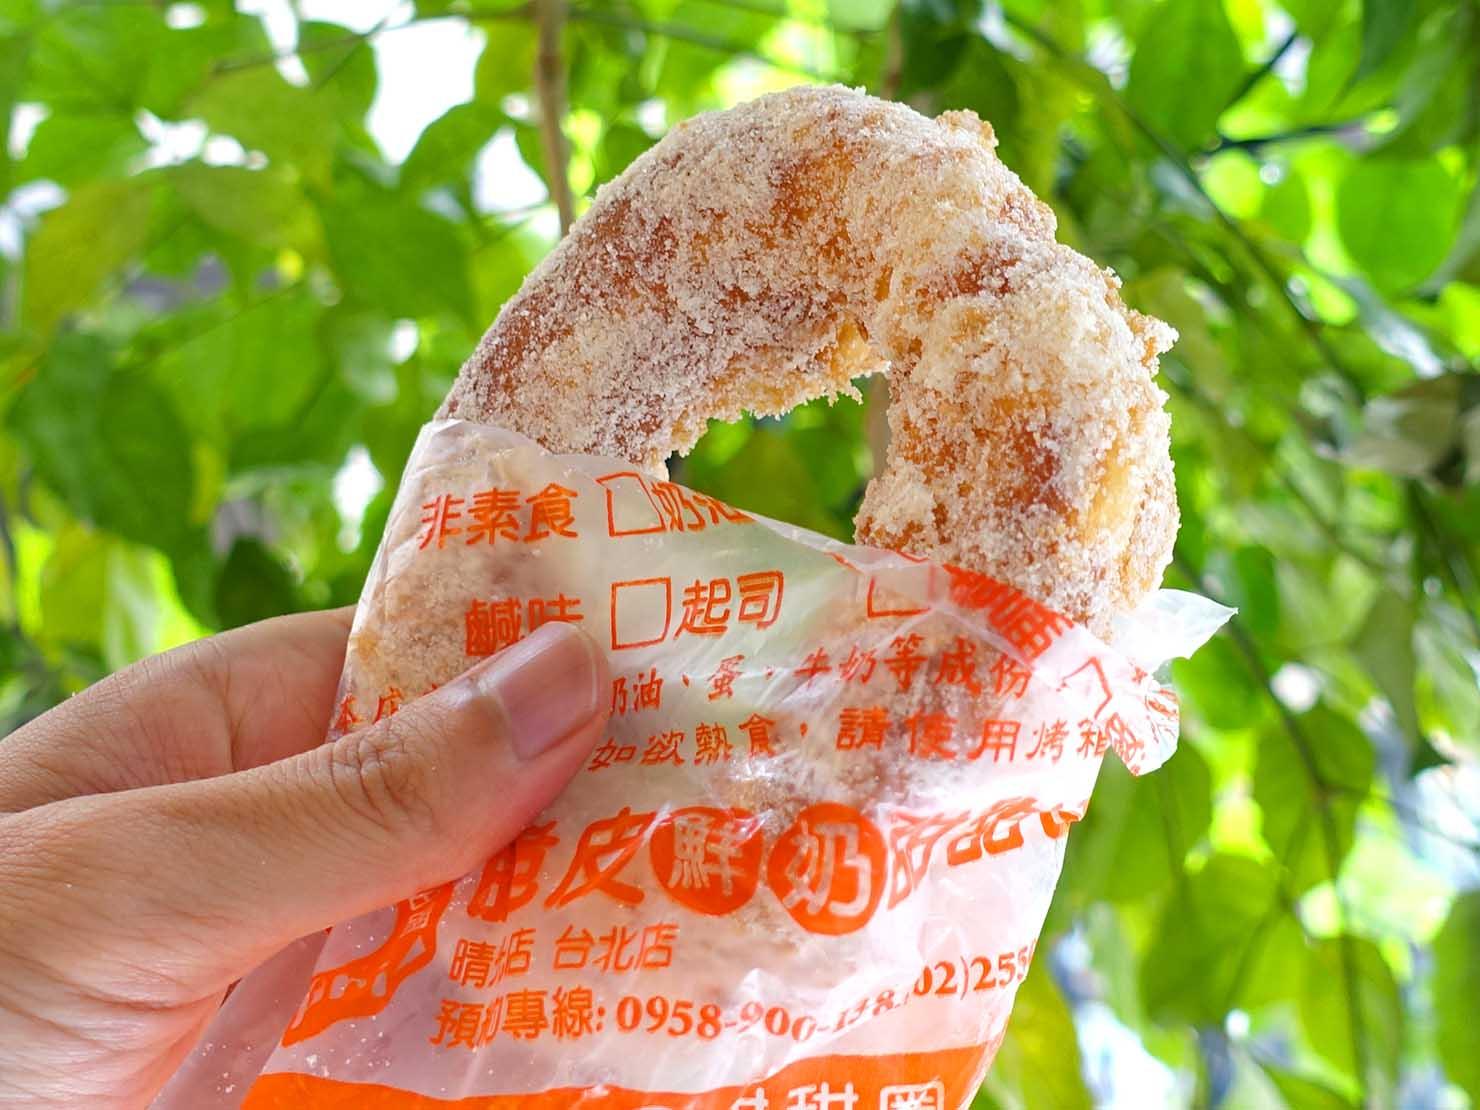 台北駅エリアのおすすめ台湾スイーツ店「脆皮鮮奶甜甜圈」のドーナツ(プレーン味)